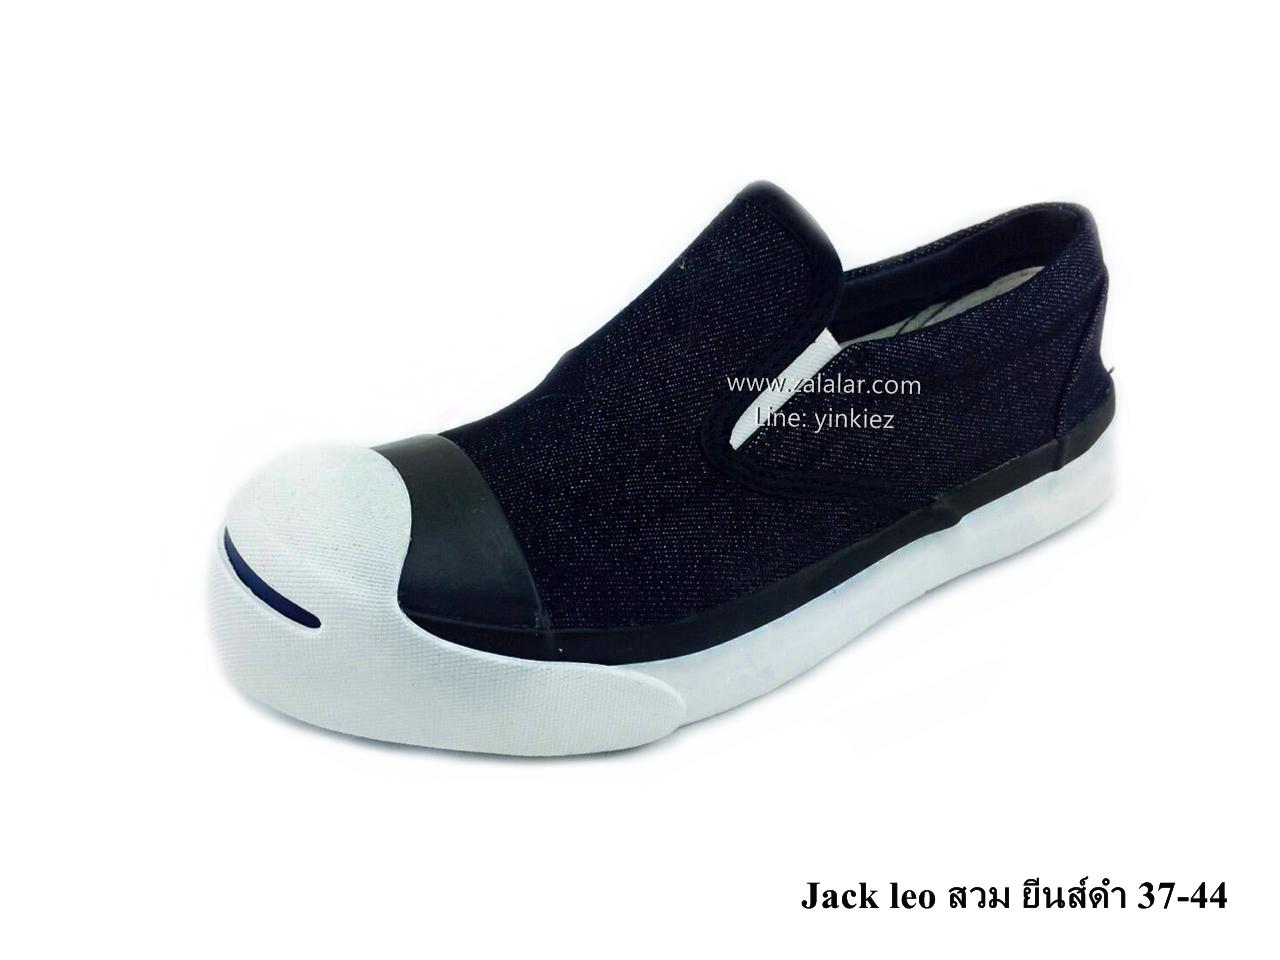 [พร้อมส่ง] รองเท้าผ้าใบแฟชั่น รุ่น Jack Leo แบบสวม สียีนส์ดำ